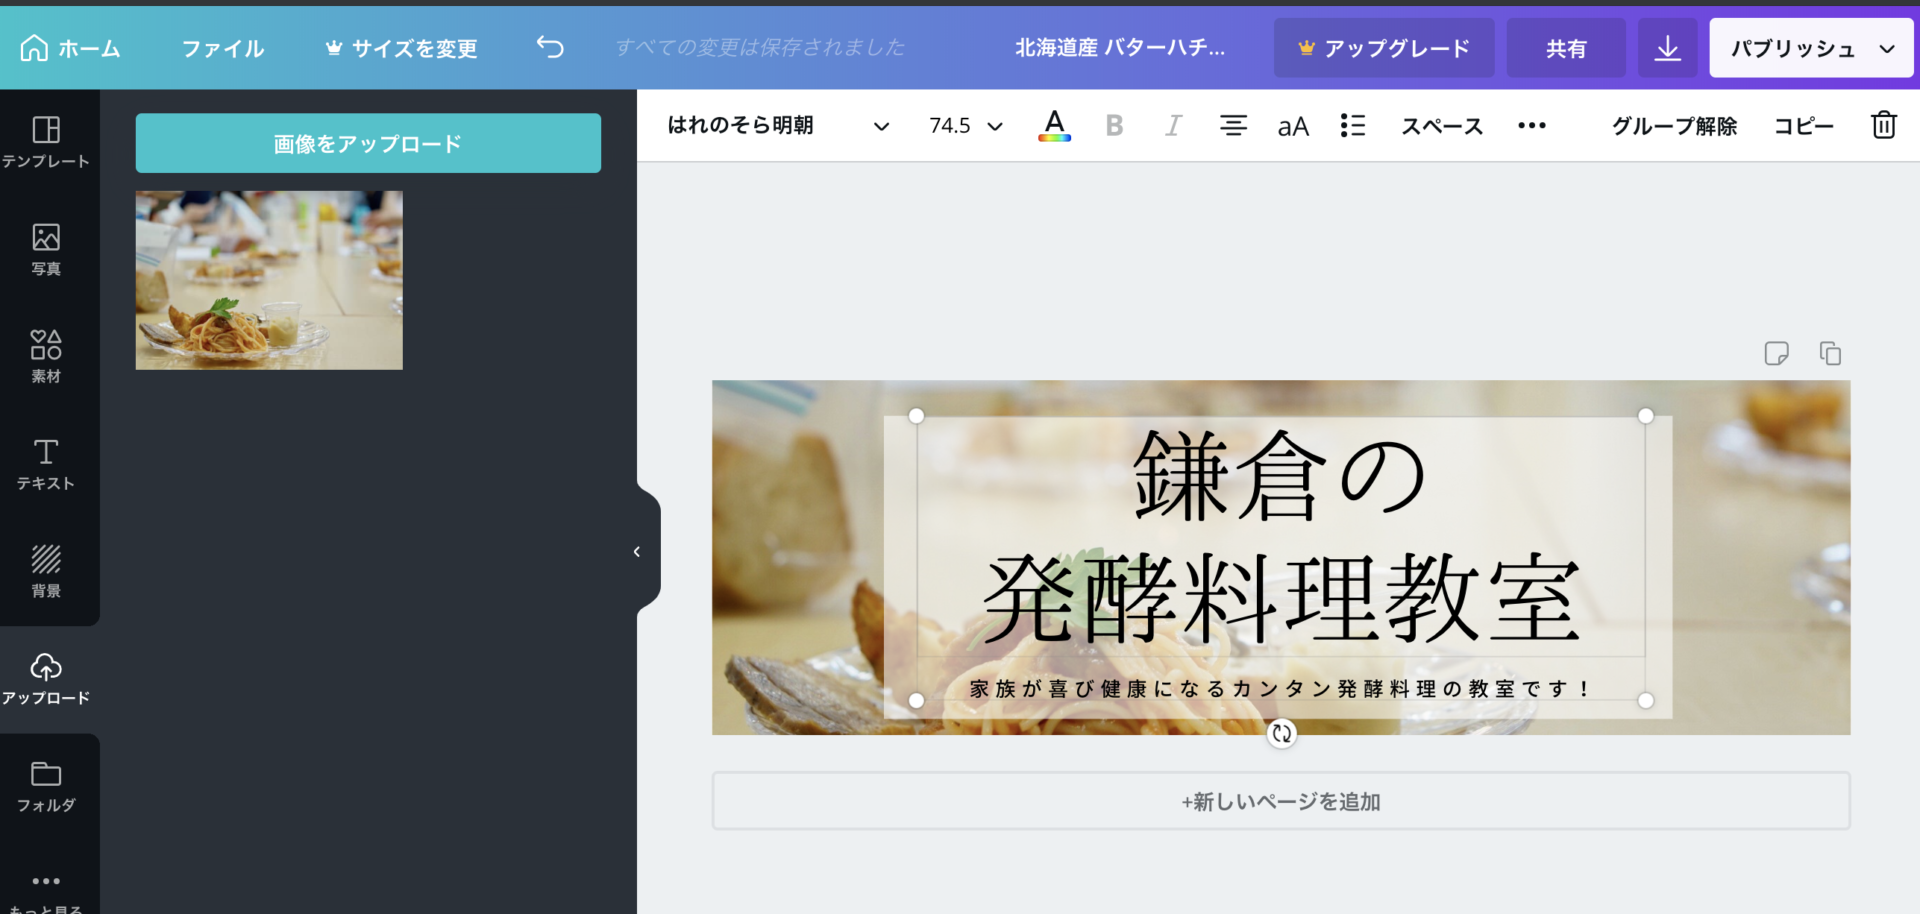 画像編集サイト Canva を使ったヘッダー画像の作り方 ネットでファン